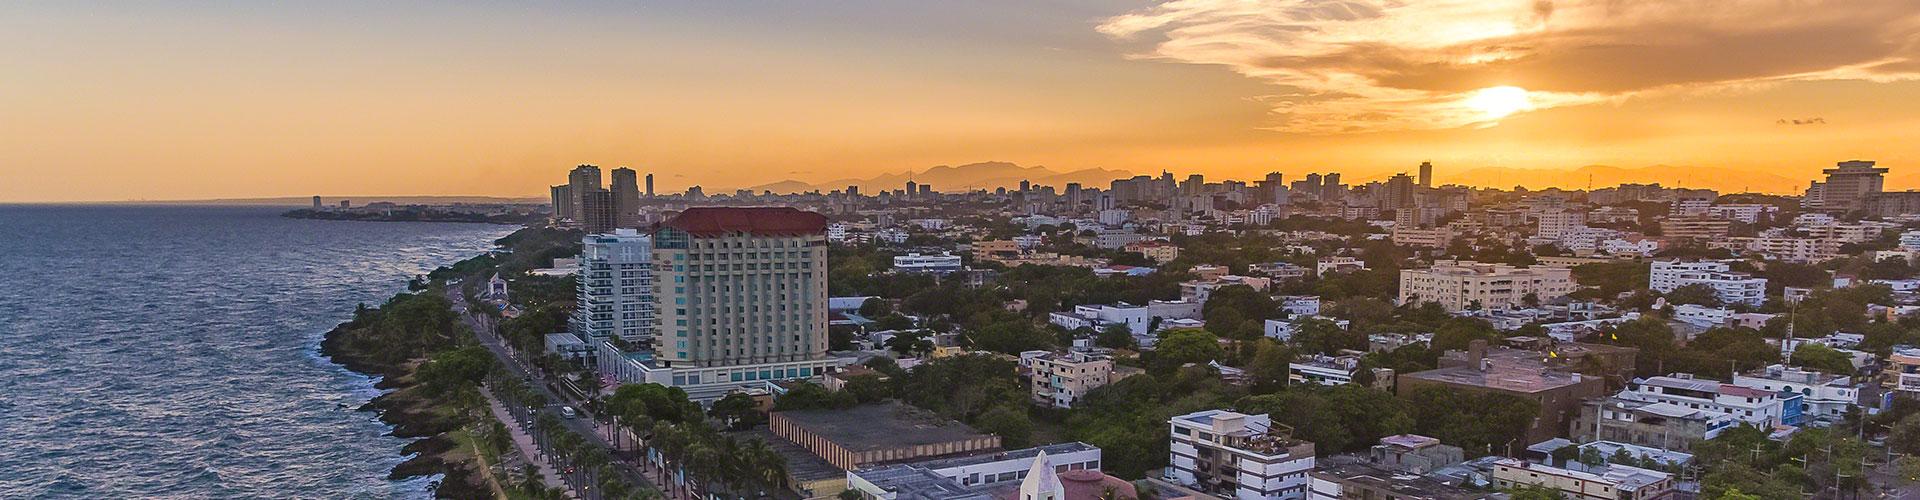 Urlaub Dom Rep Santo Domingo günstig online buchen